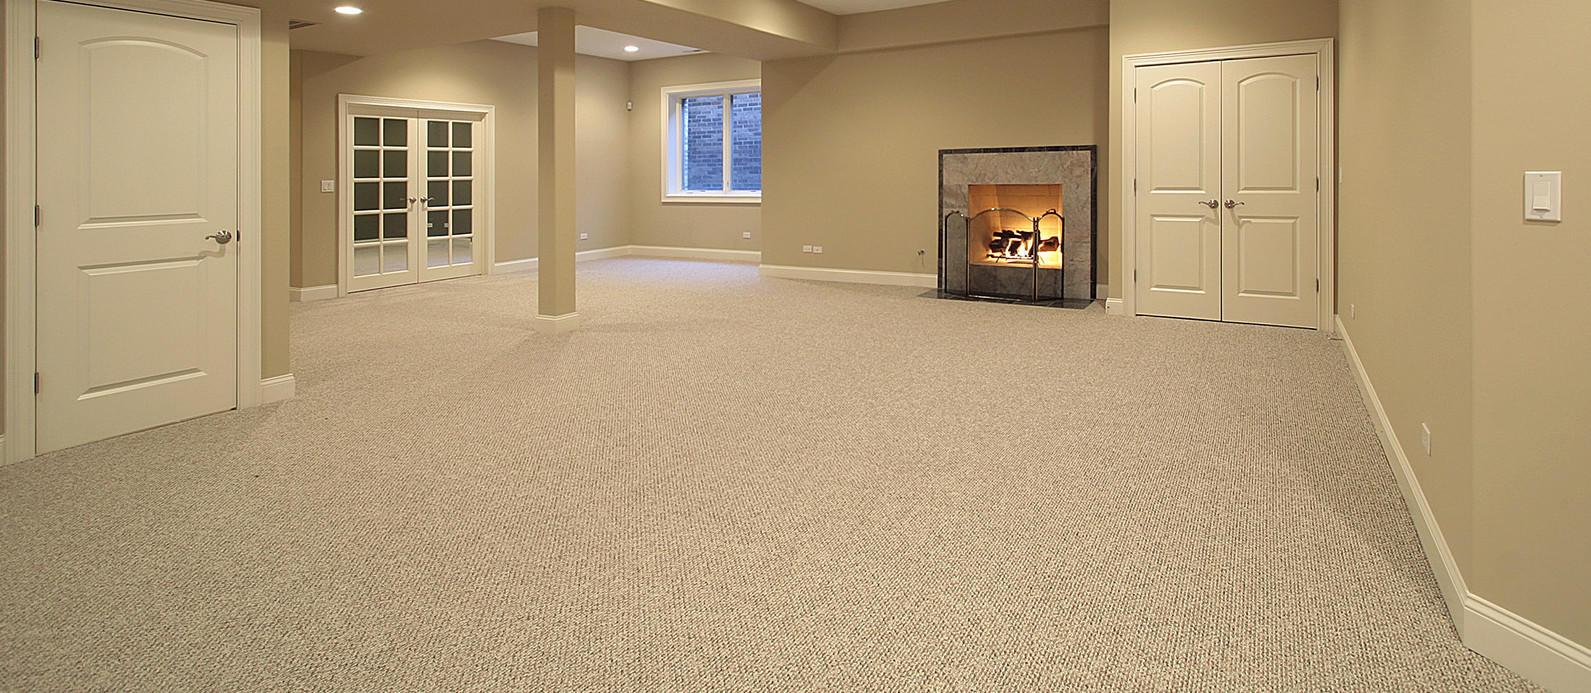 Lakeside Floor Coverings image 5